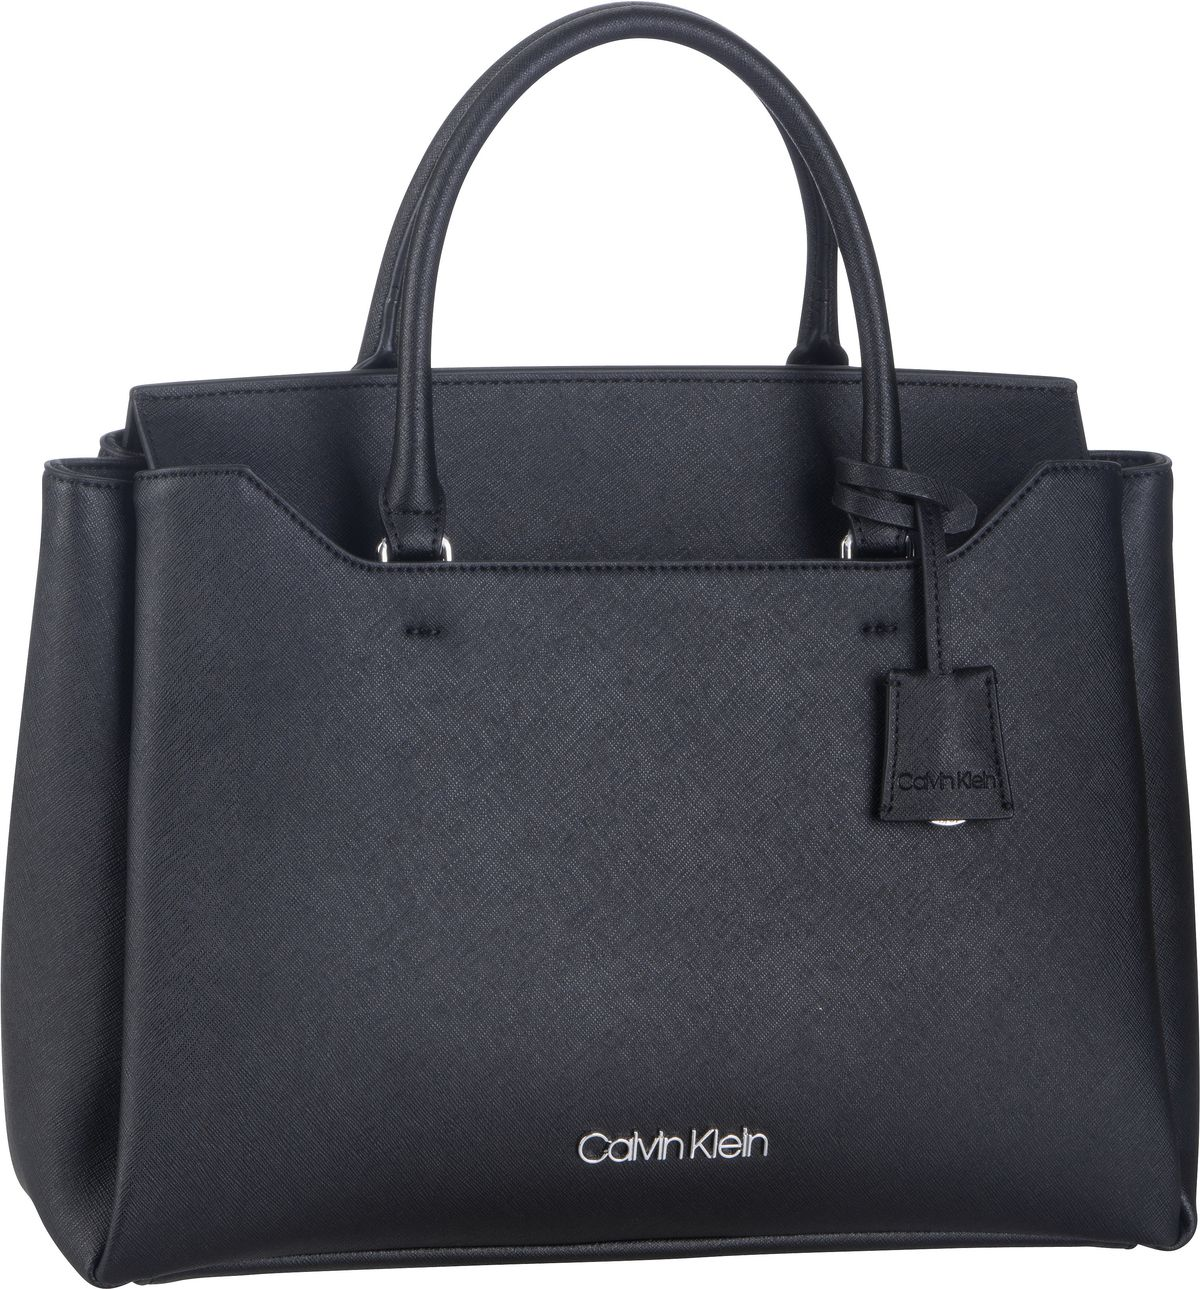 Handtasche CK Task Tote Black